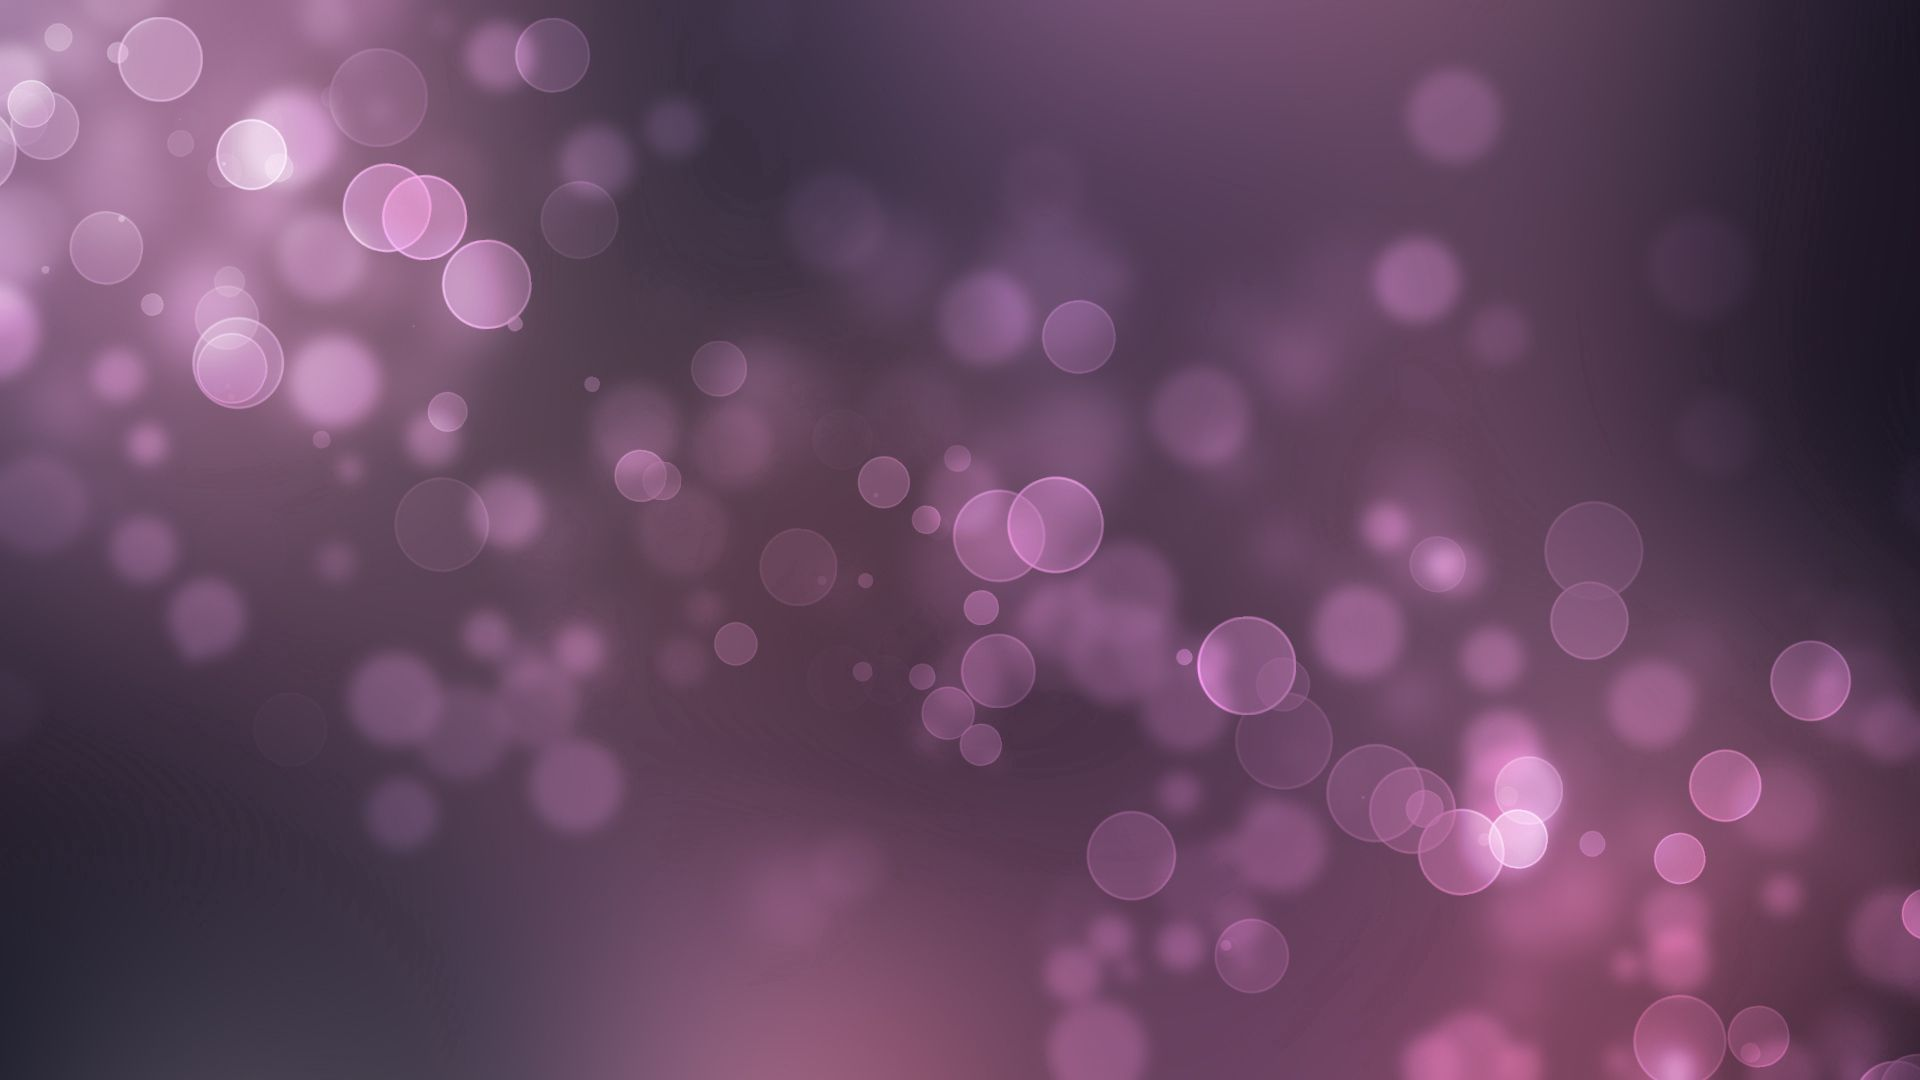 73351 Hintergrundbild herunterladen Kreise, Scheinen, Abstrakt, Blendung, Licht, Lila - Bildschirmschoner und Bilder kostenlos